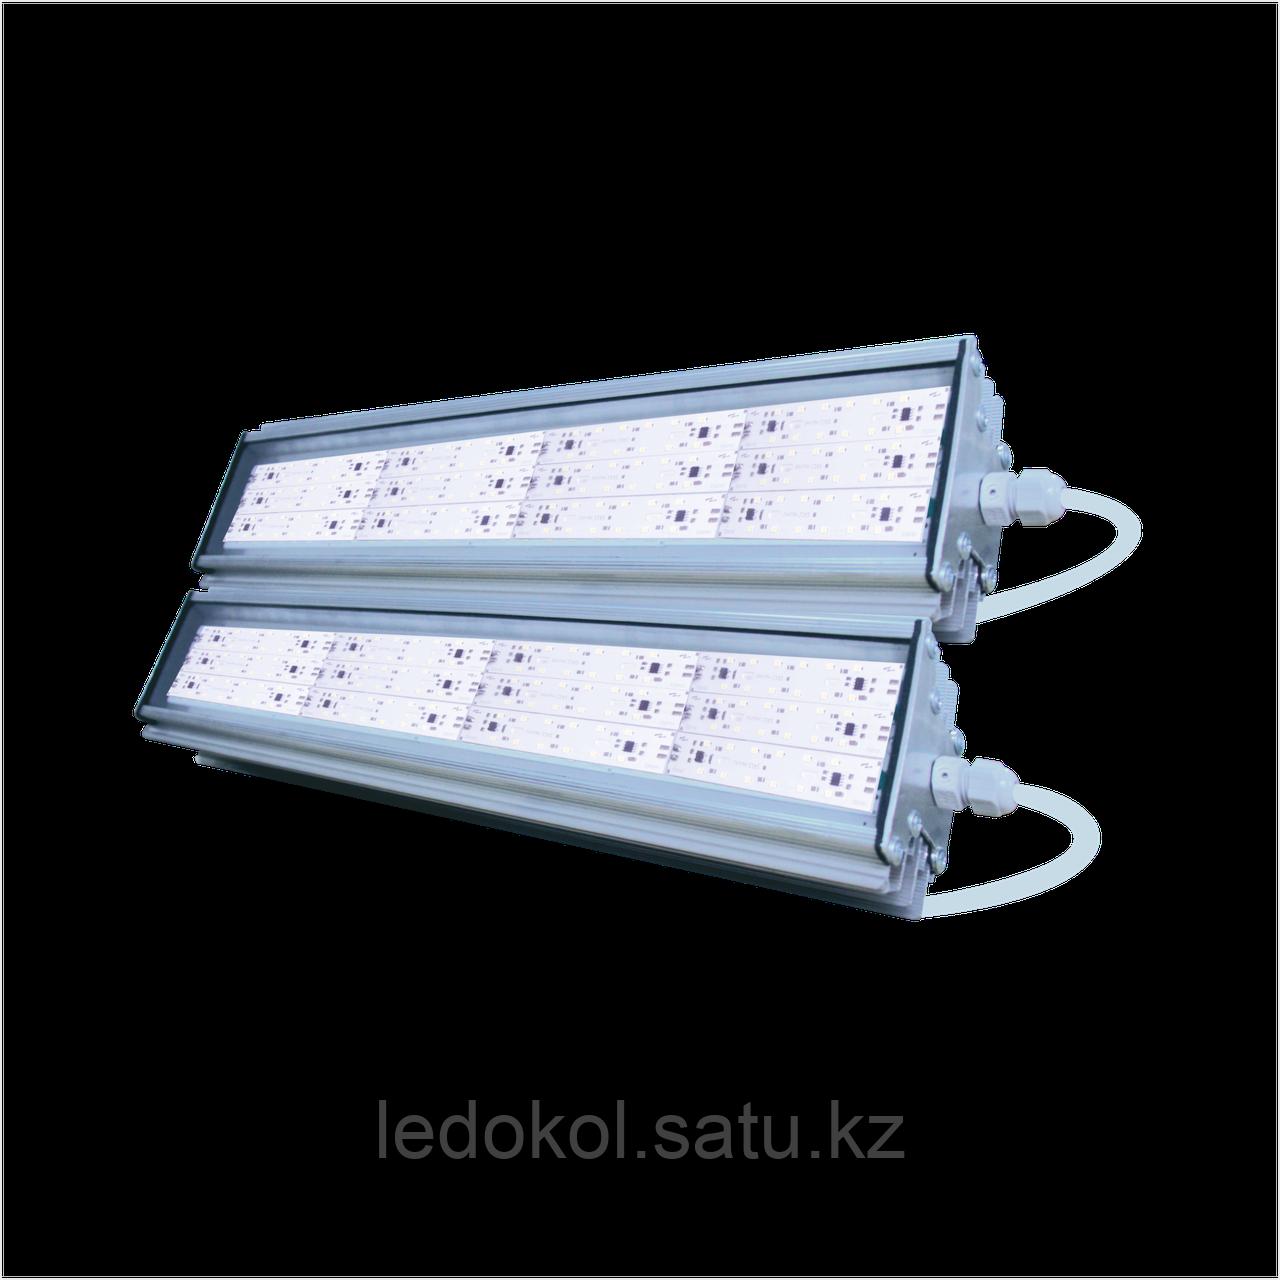 Светильник 240 Вт Диммируемый светодиодный серии ЭКО 380